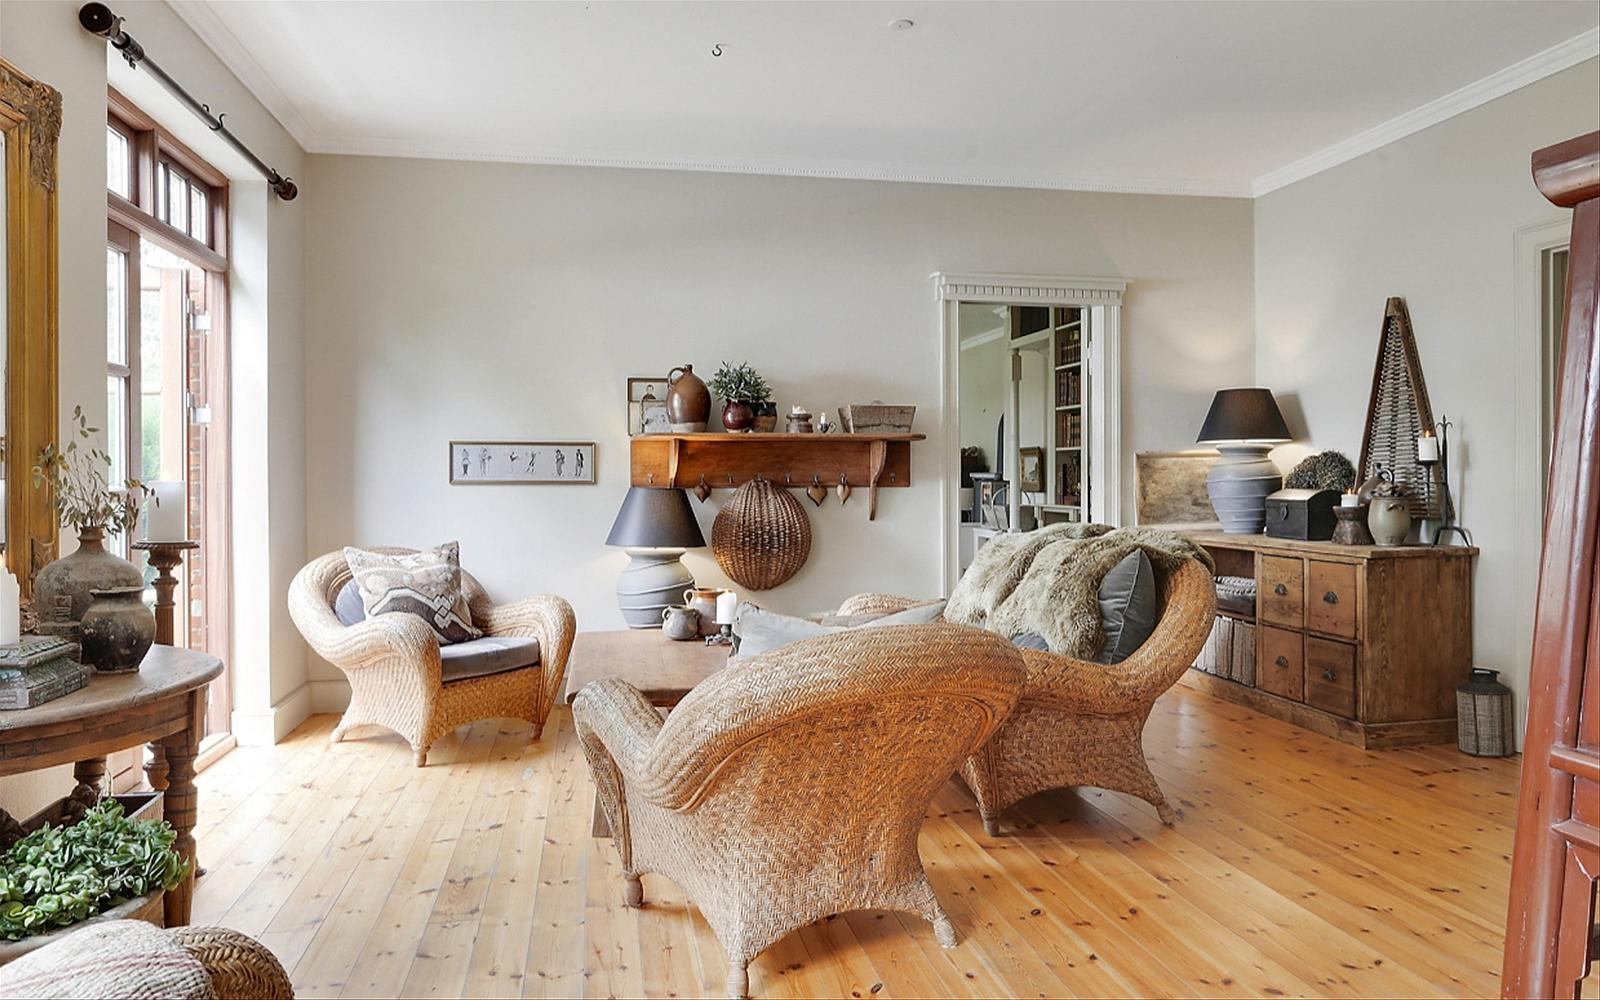 деревянный пол плетёная мебель подушки